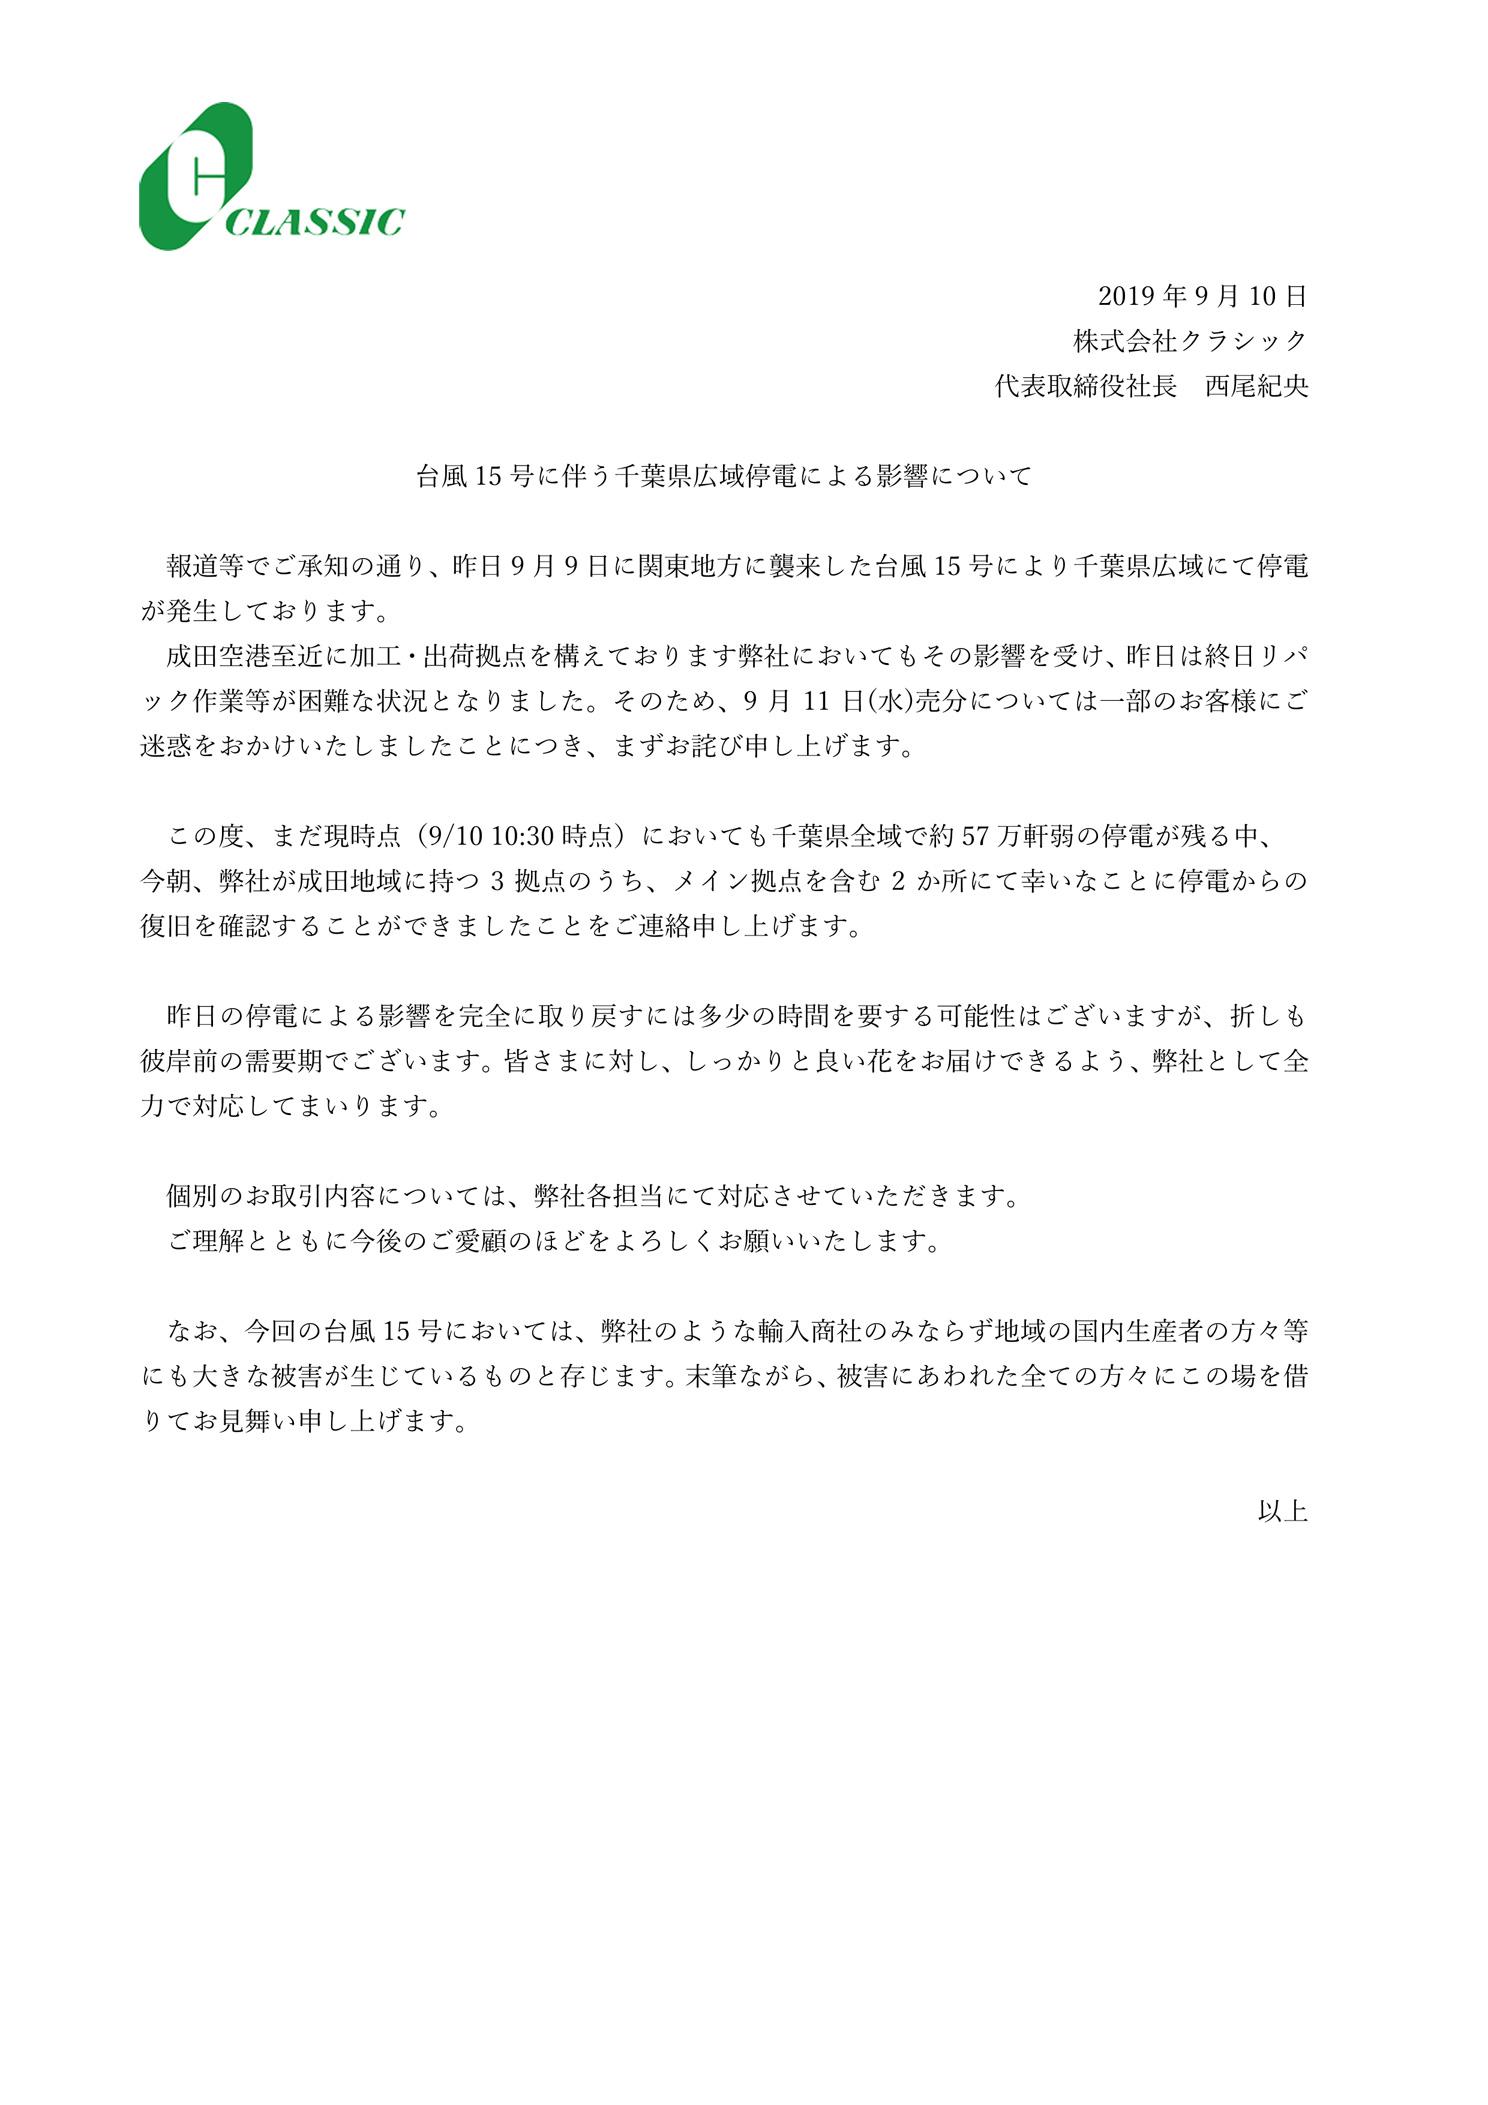 台風15号に伴う千葉県広域停電による影響について